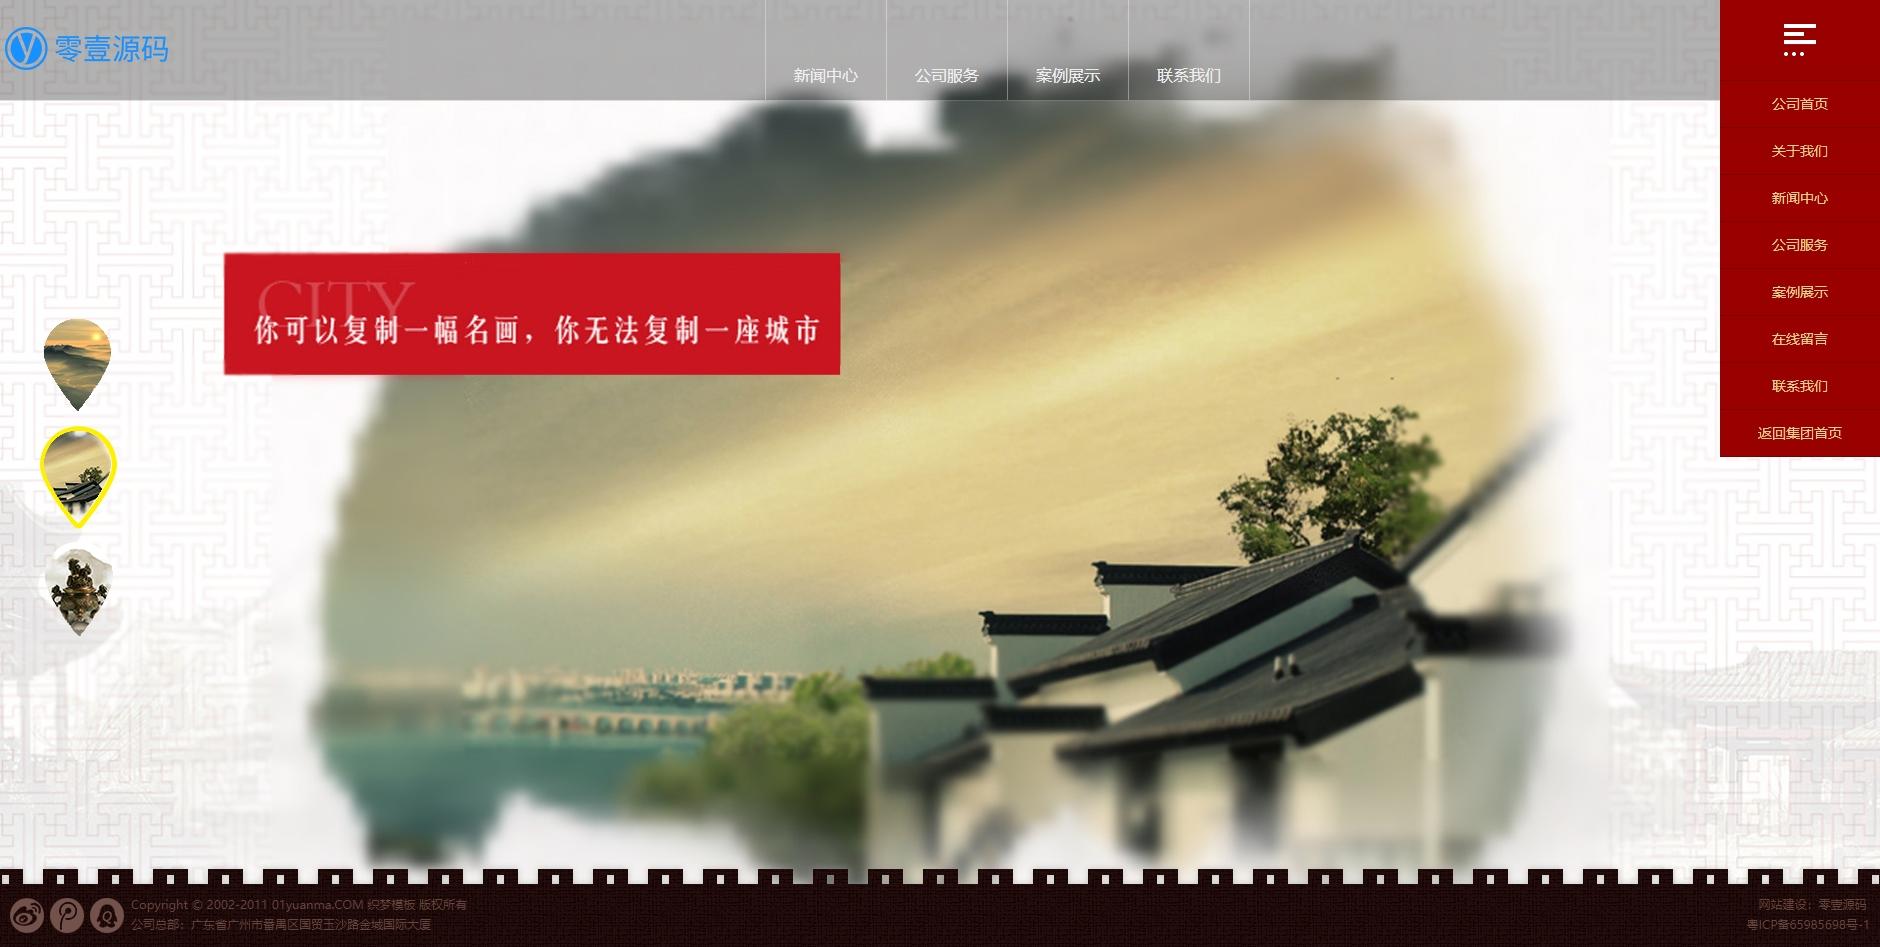 古典策划推广传播文化传媒类企业网站织梦dedecms模板